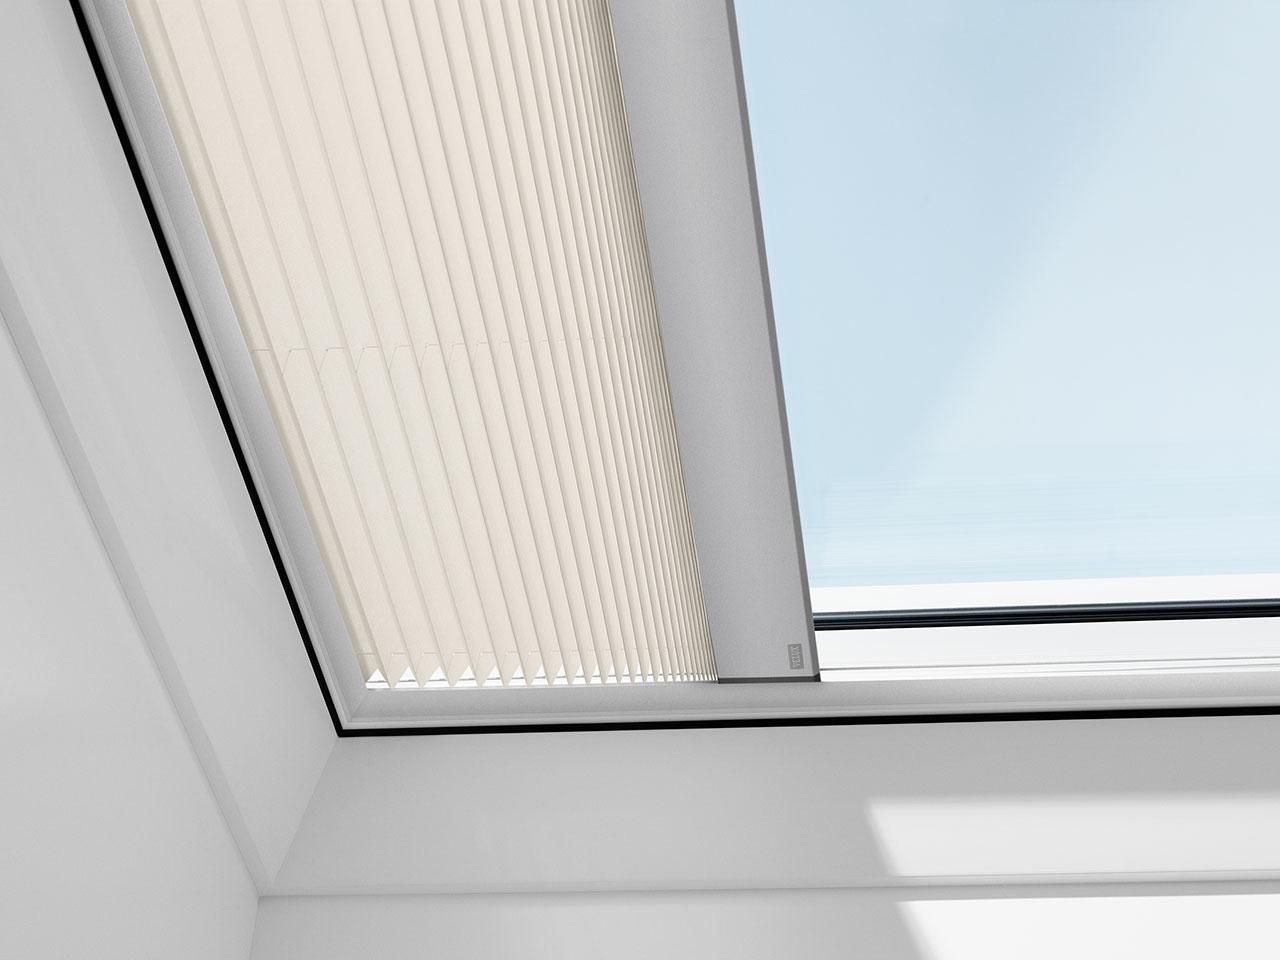 Full Size of Velufenster Ersatzteile Scharnier Velukunststoff Rhrchen Trier Velux Fenster Kaufen Rollo Einbauen Preise Wohnzimmer Velux Scharnier